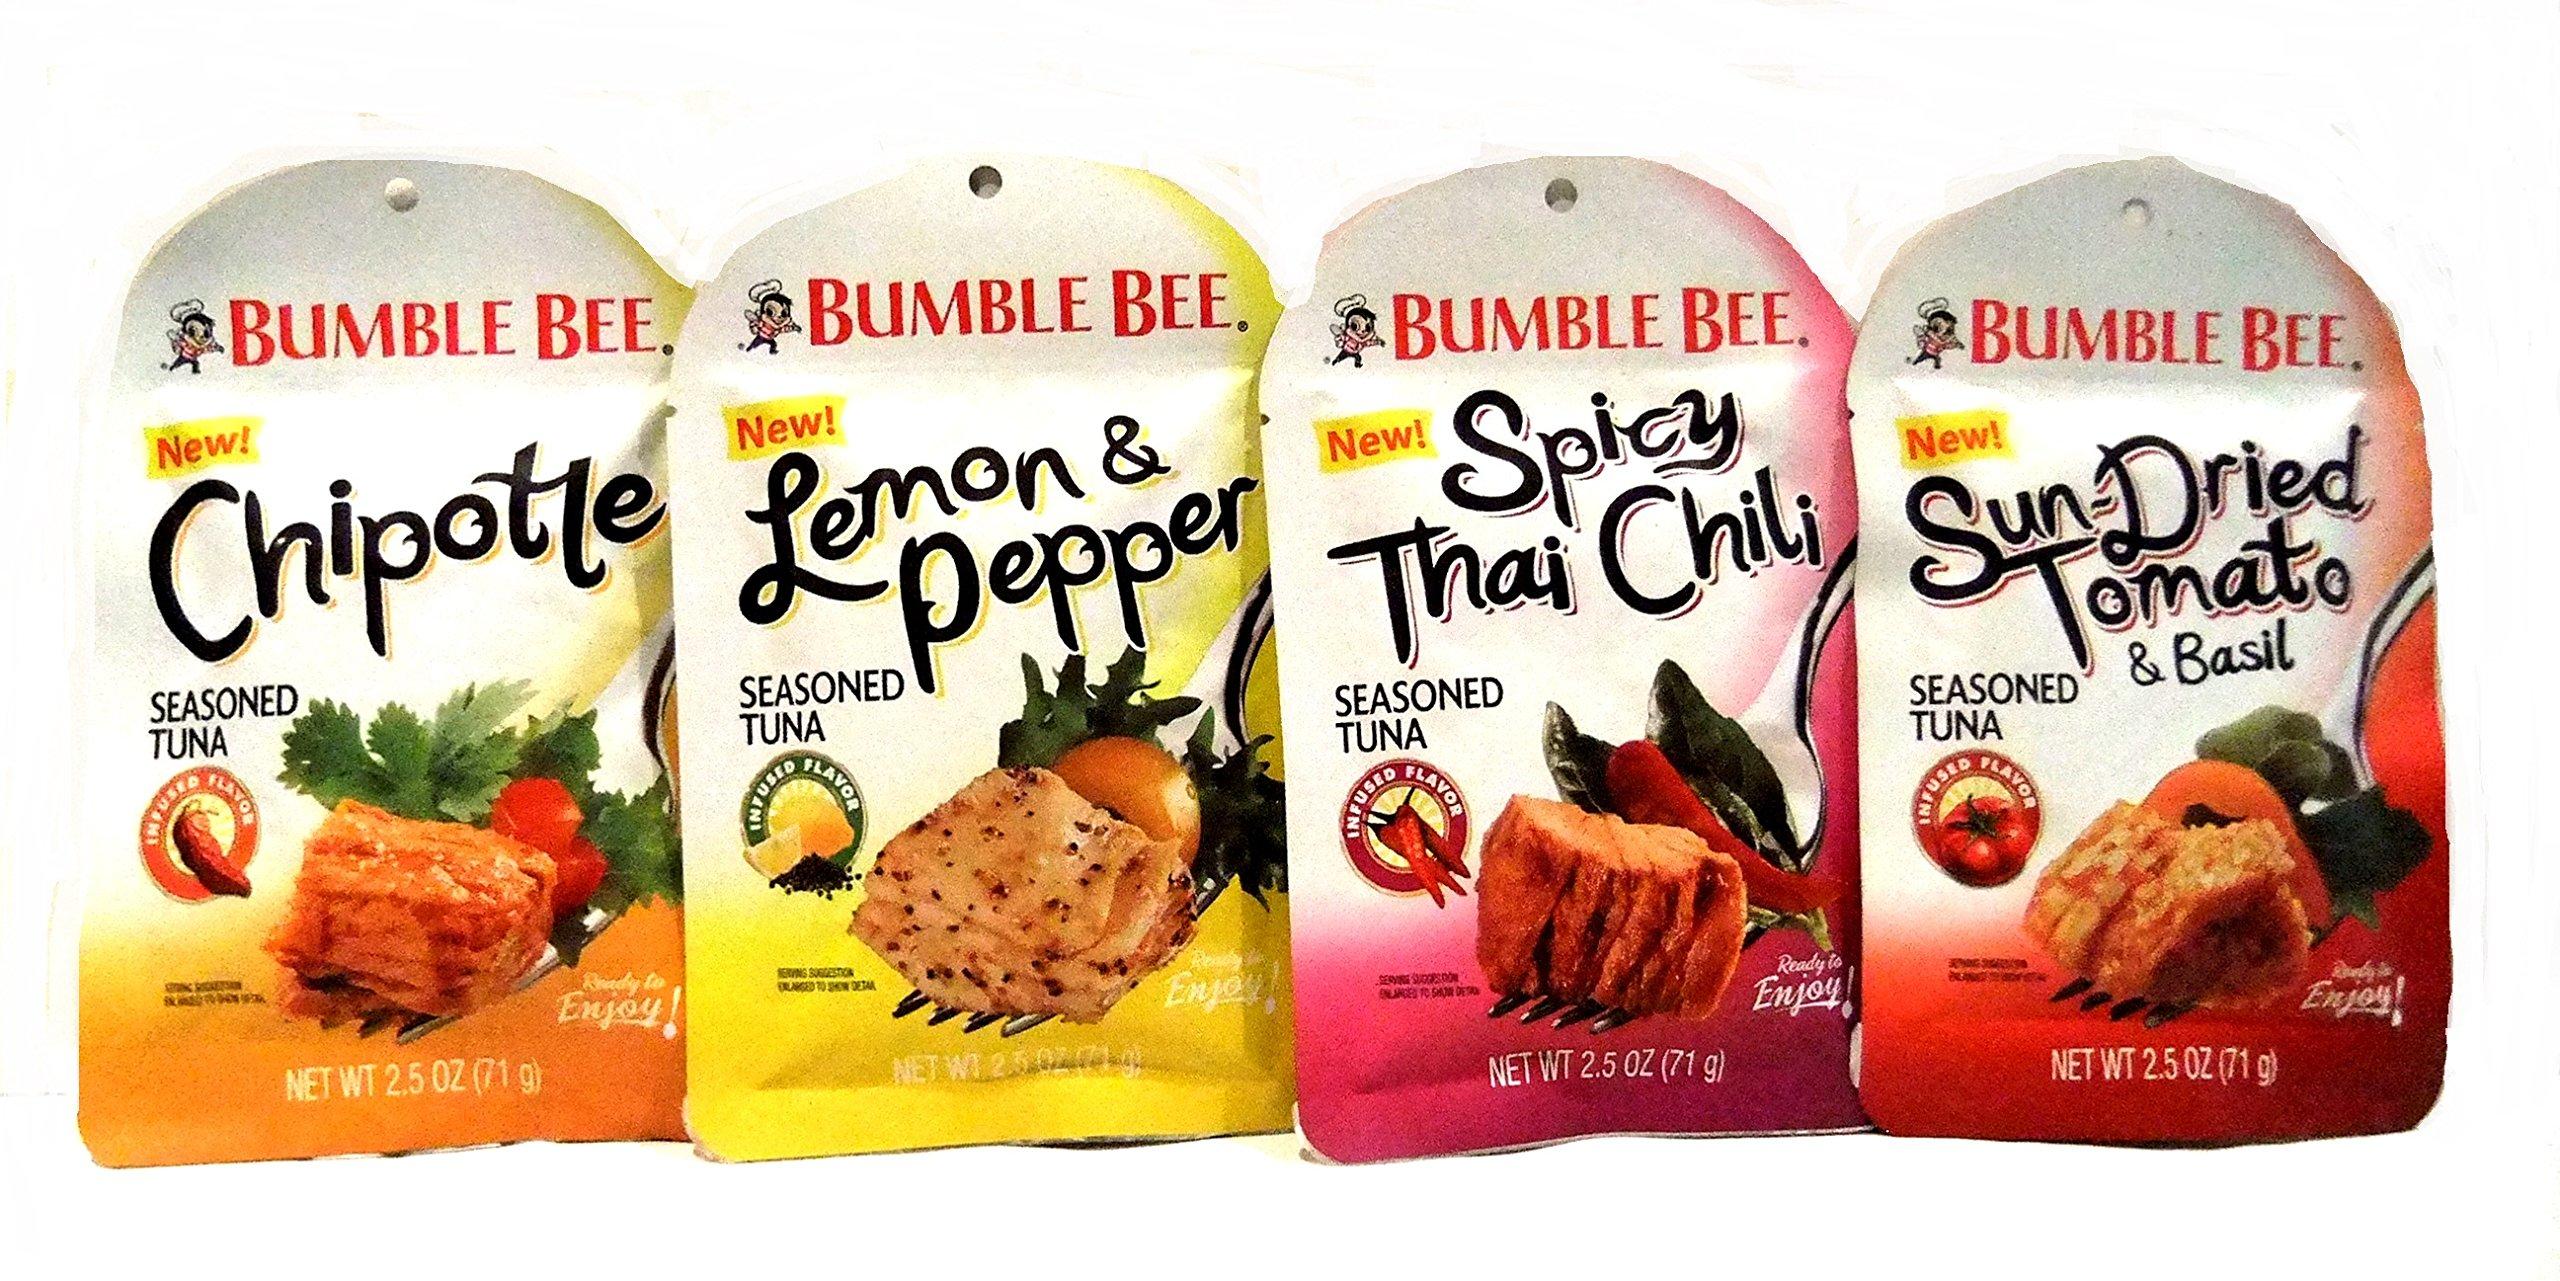 bumble bee new seasoned tuna spicy thai chili jalapeno and lemon